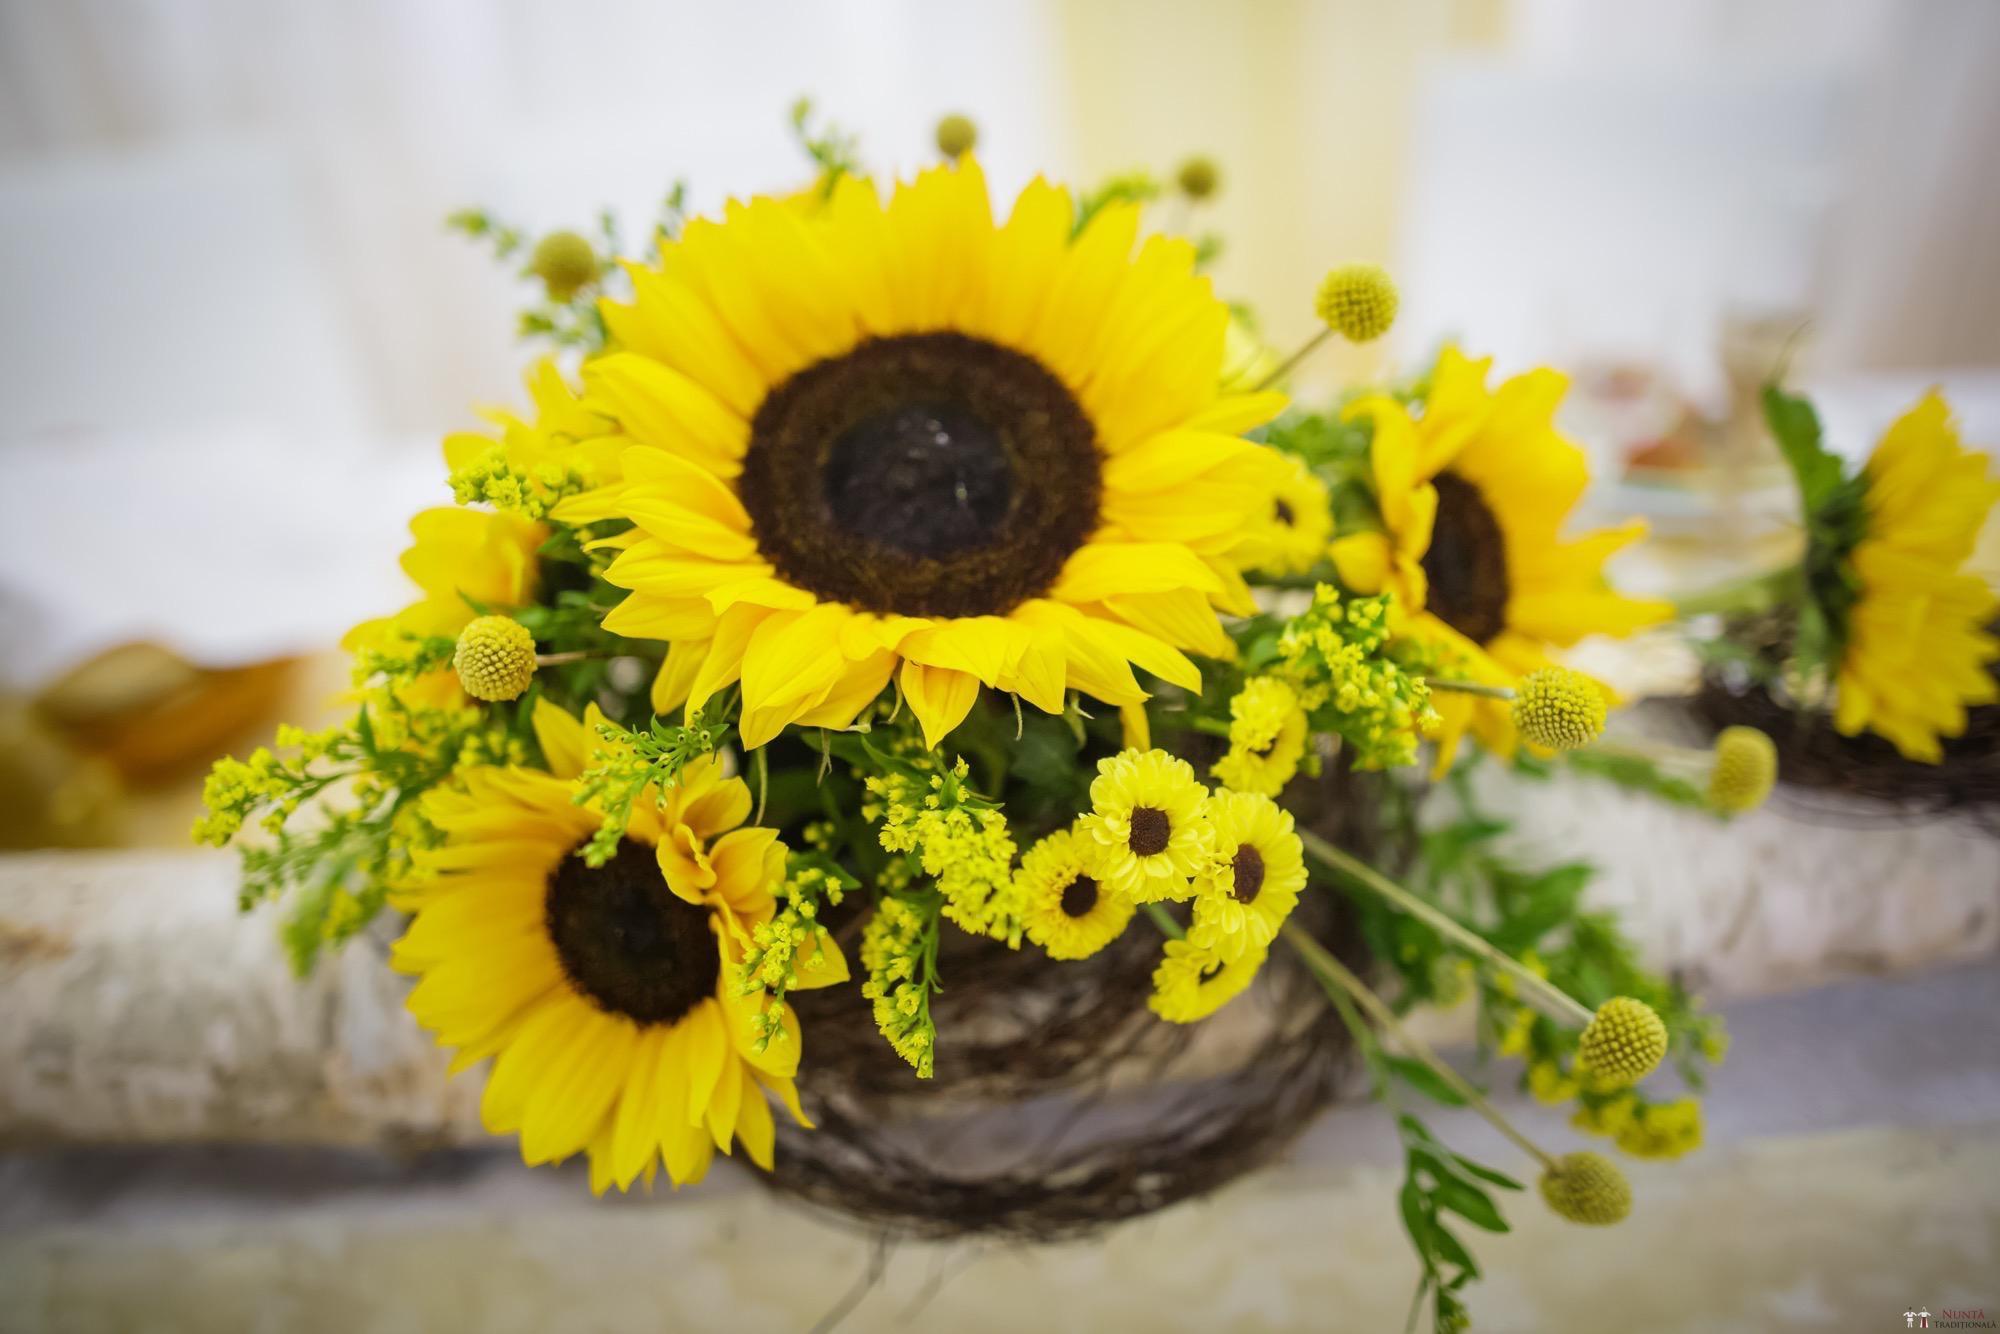 Idei și Sfaturi - Idei decorațiuni și aranjamente florale în stil tradițional 6